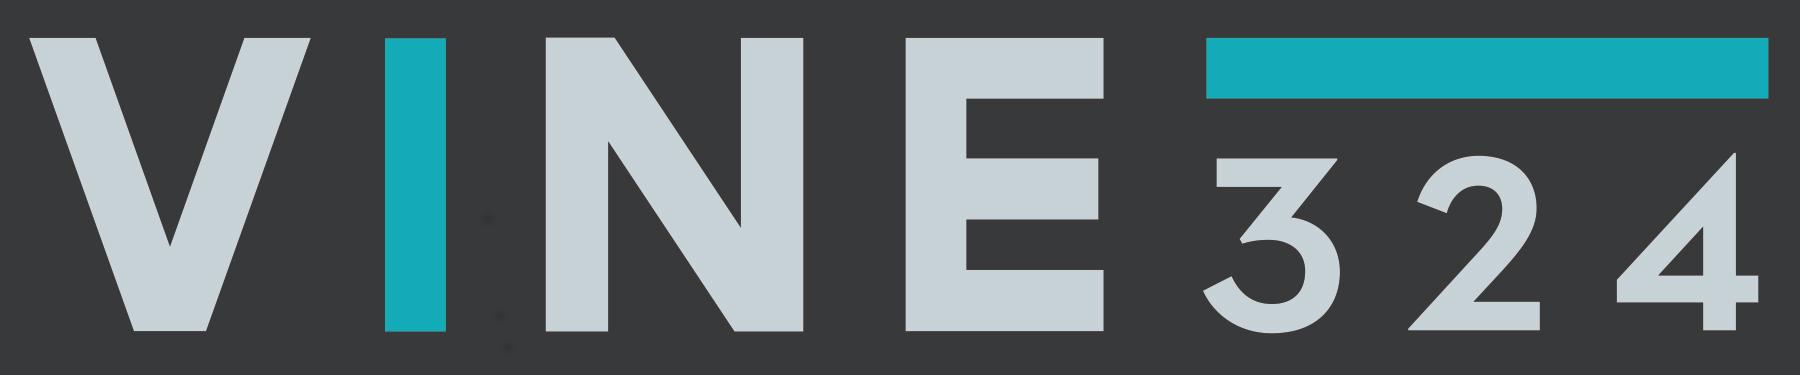 vine324_logo_grey_teal.png